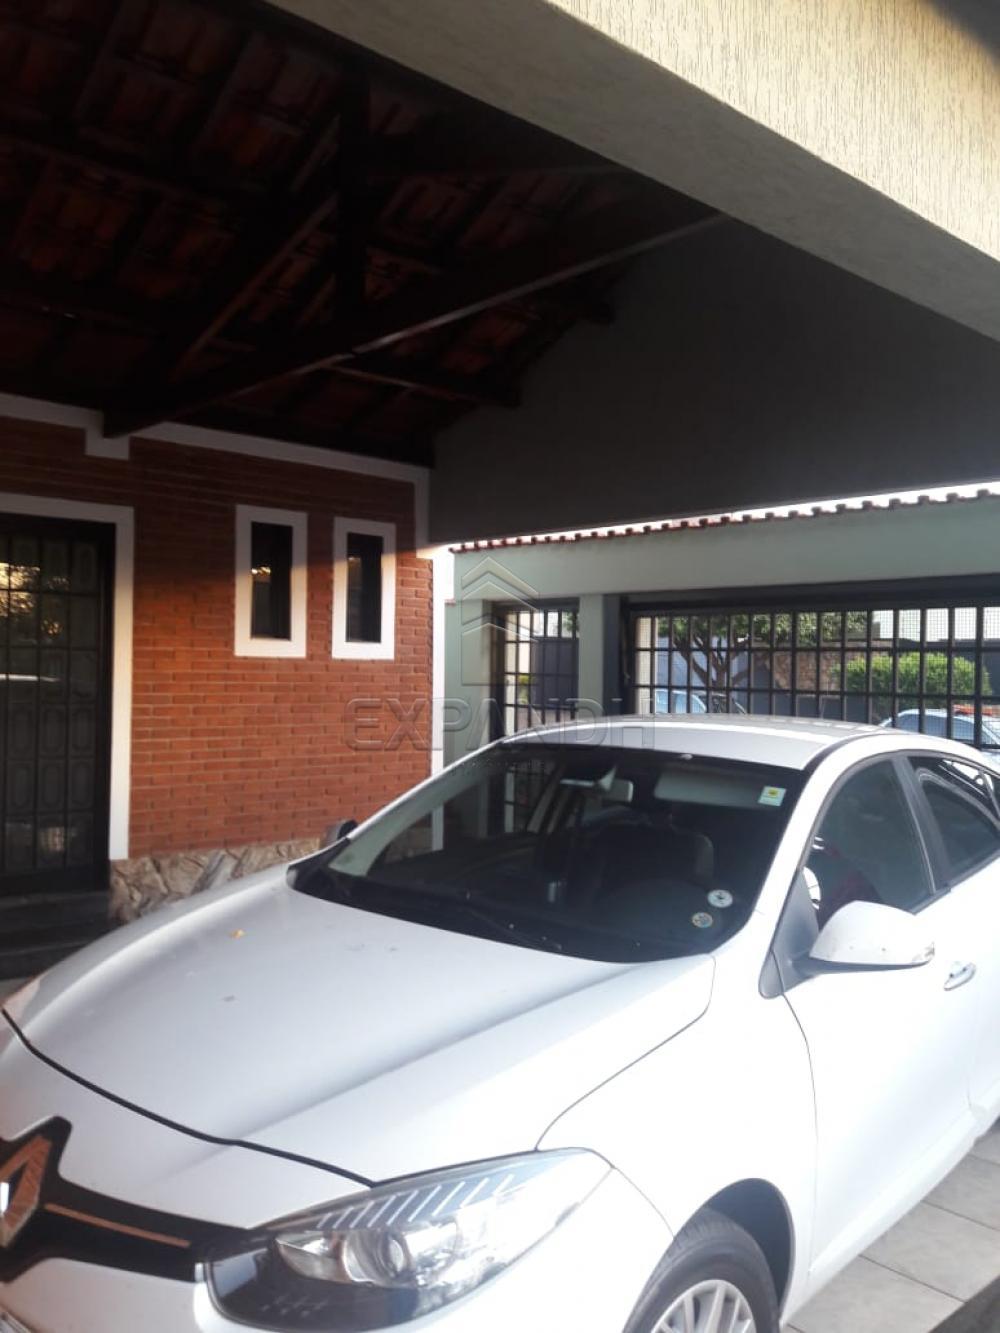 Comprar Casas / Padrão em Sertãozinho R$ 590.000,00 - Foto 5